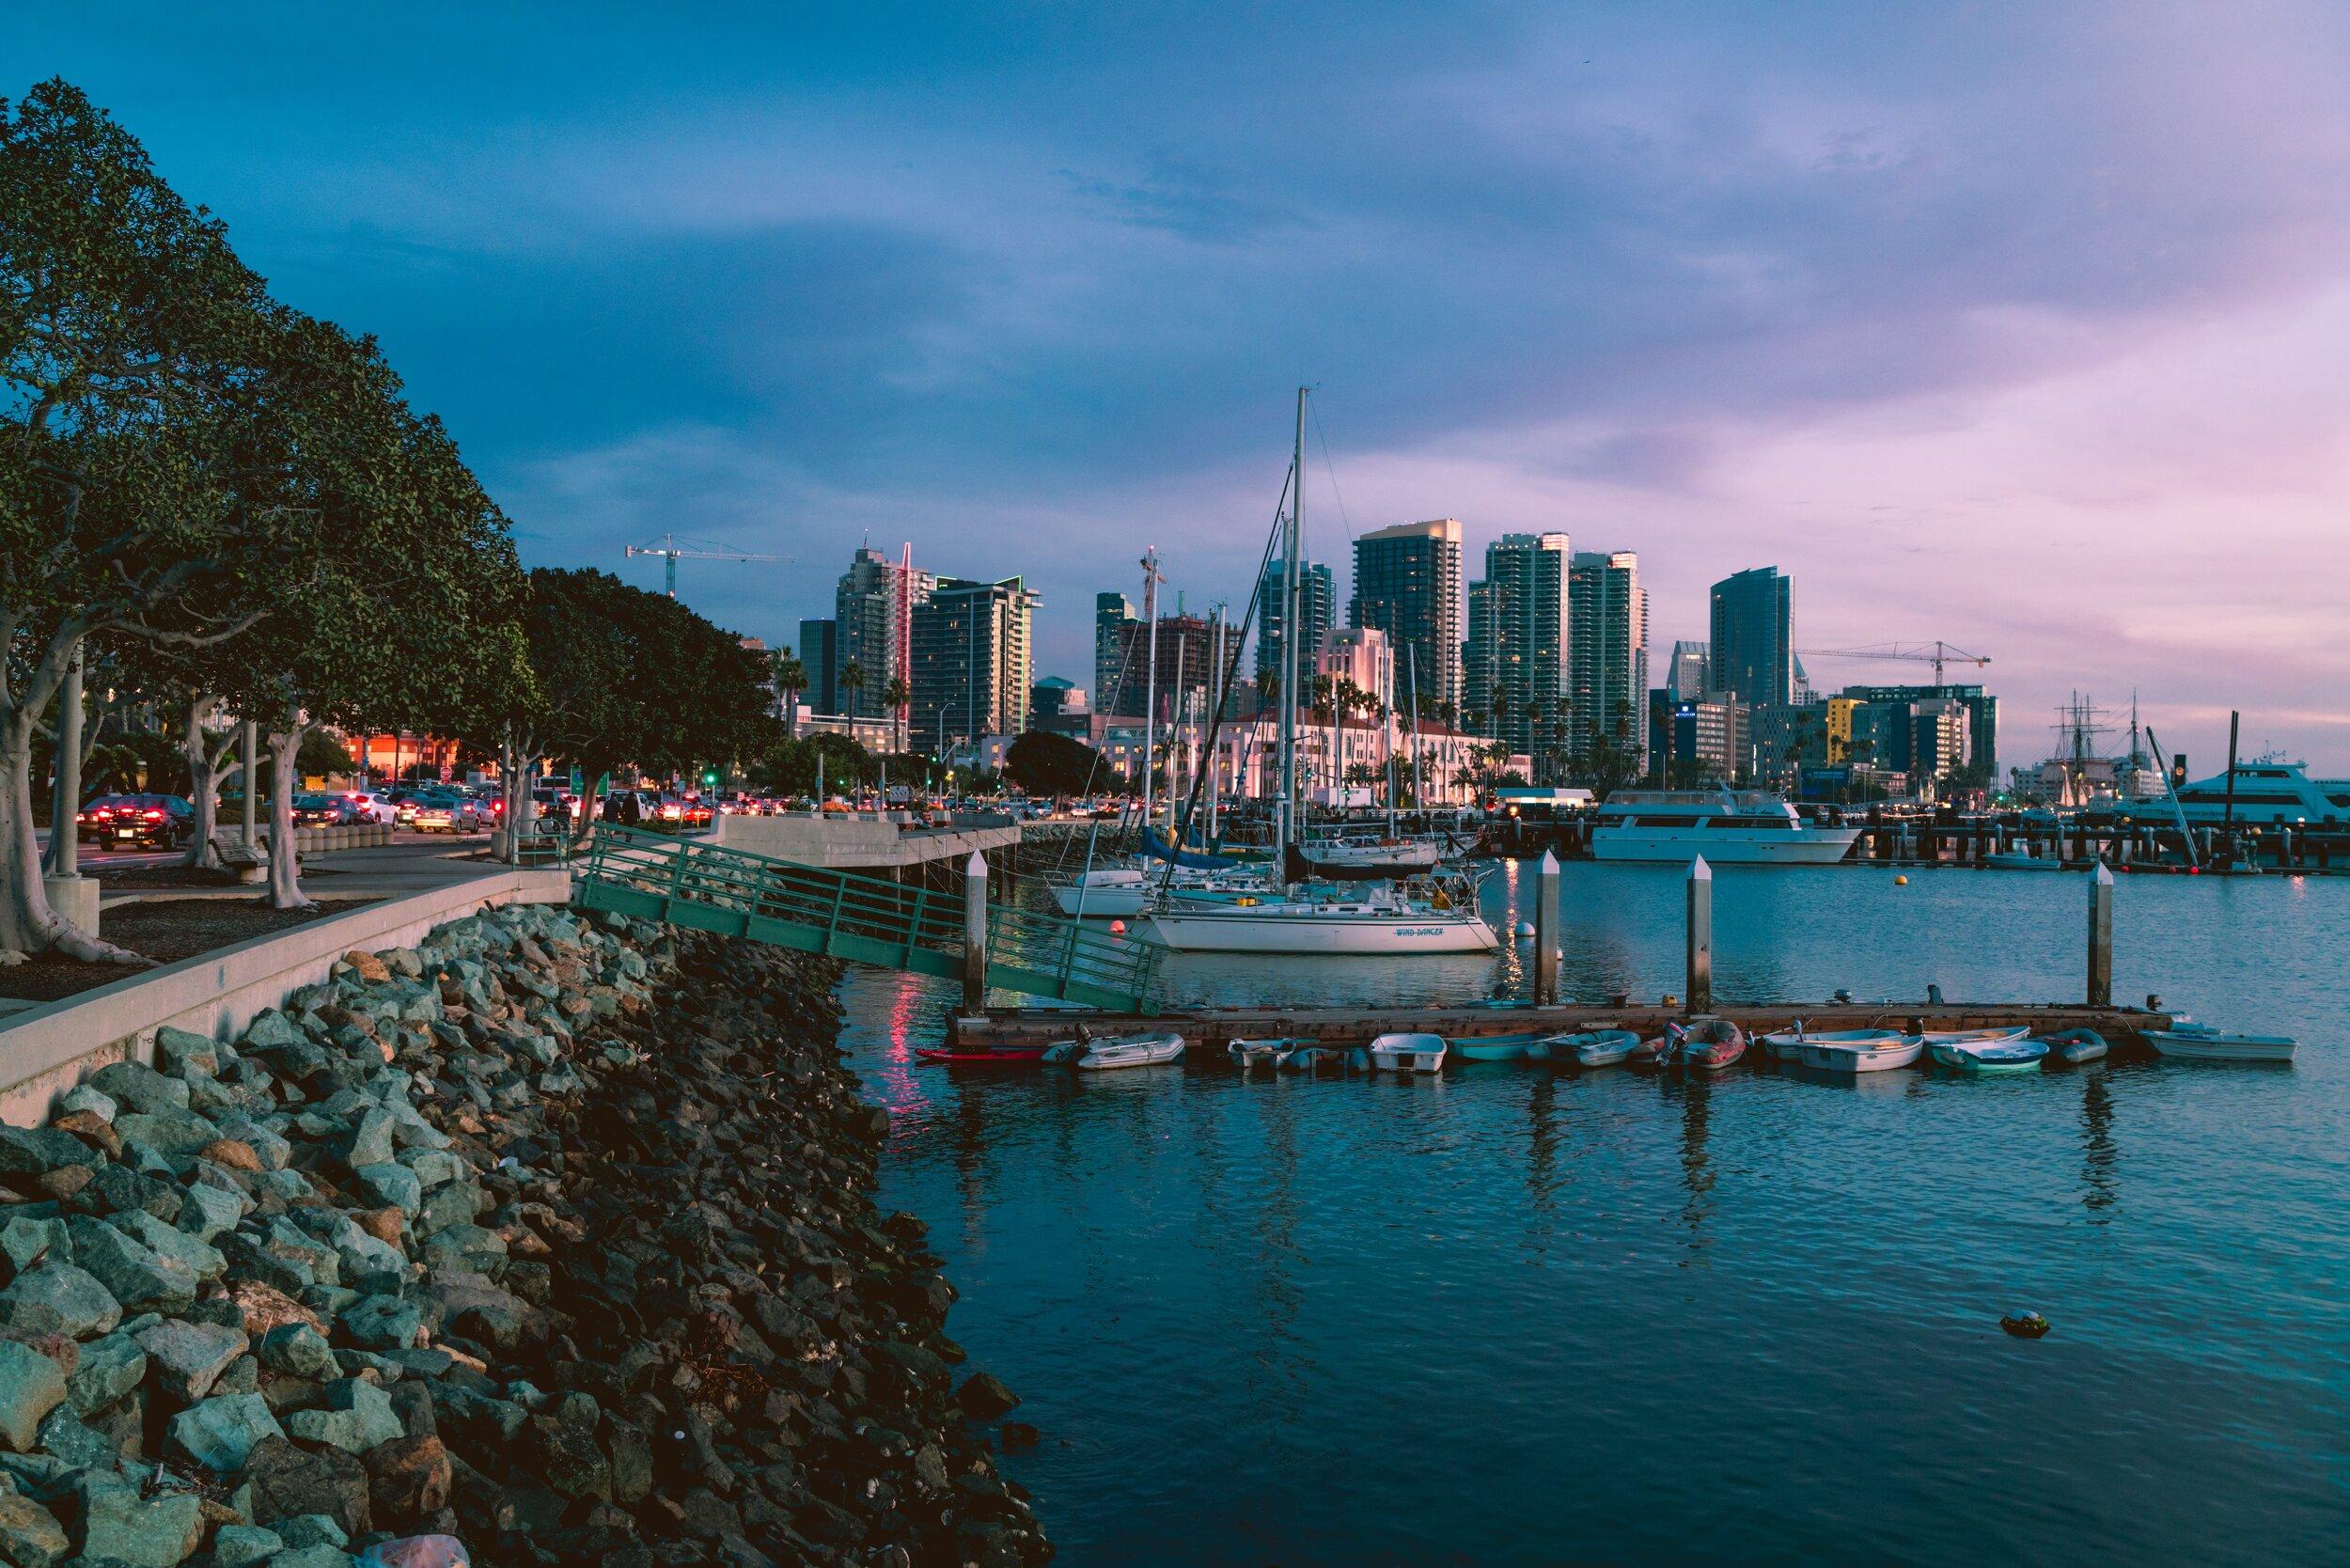 boats-city-cityscape-2157685.jpg